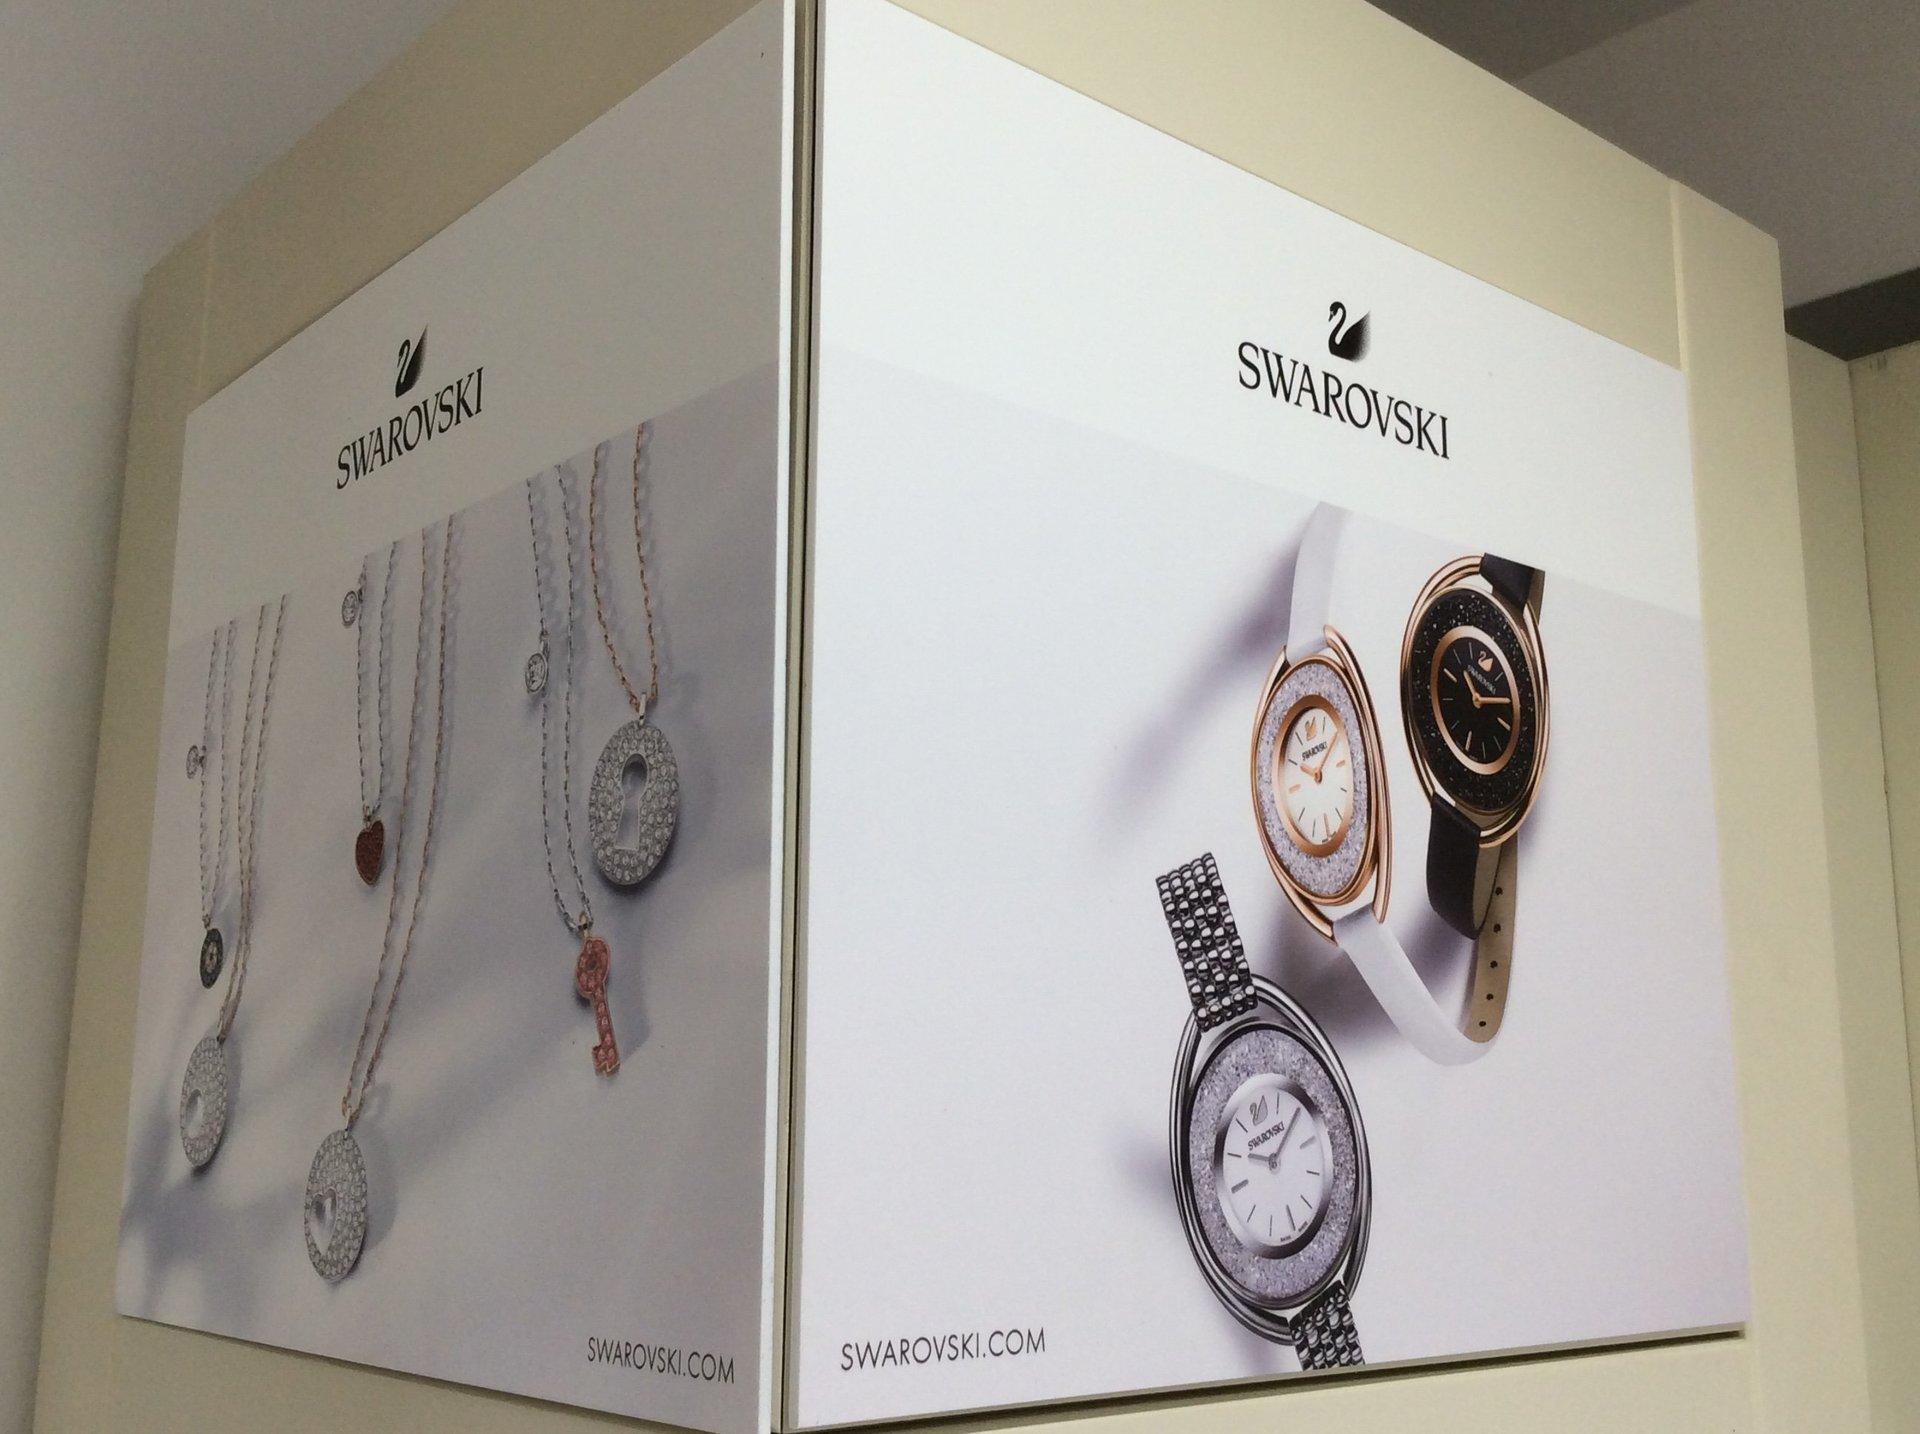 totem promozionale per i nuovi pendenti della linea Swarovski